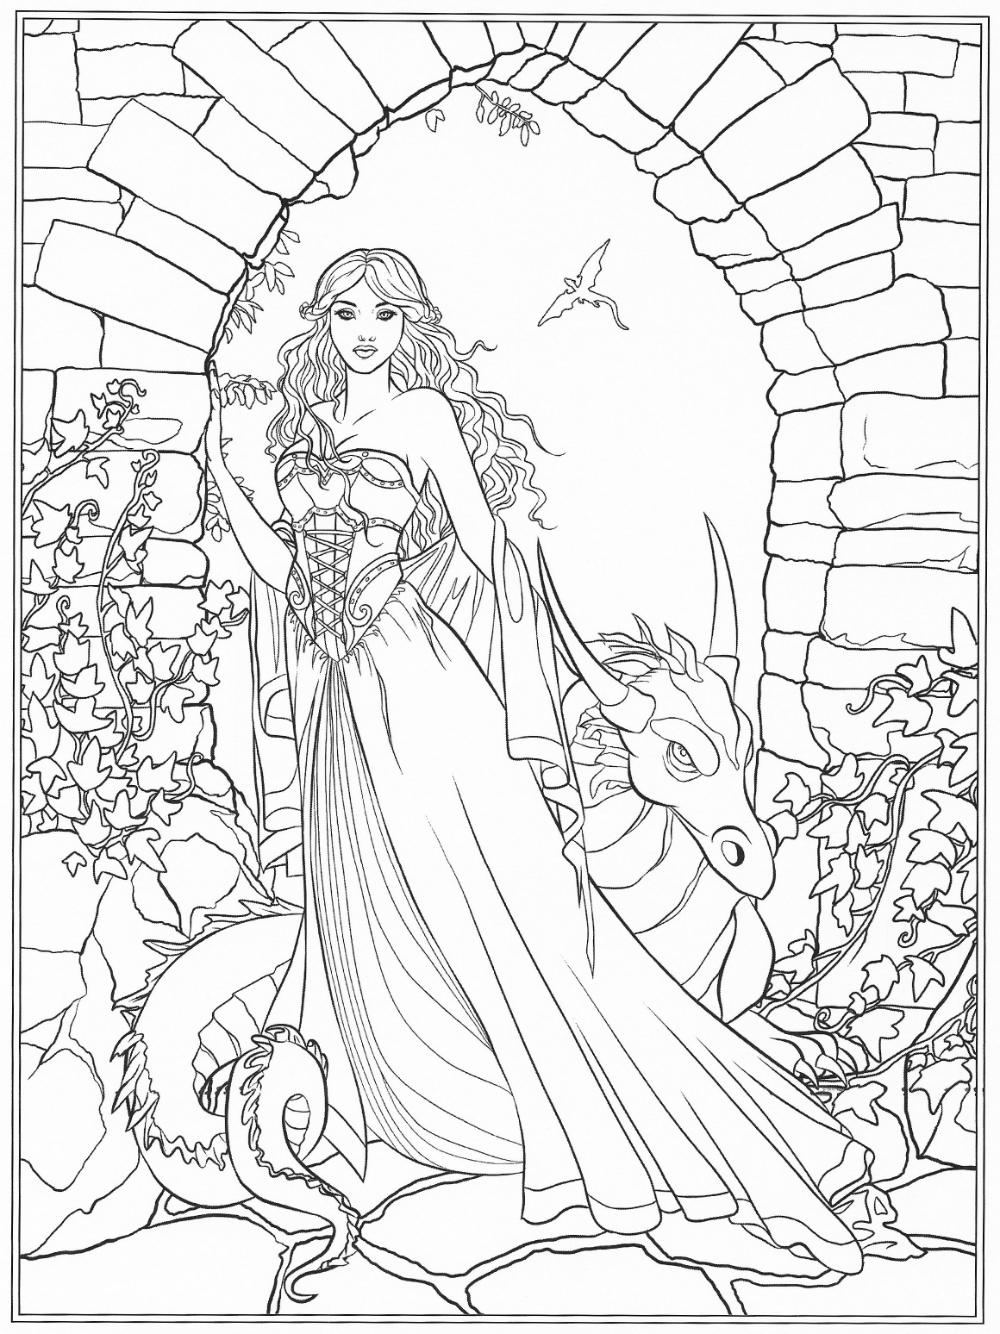 Tremendous Gothic Coloring Book Dark Fantasy Art By Hisdstudentcongress Kostenlose Erwachsenen Malvorlagen Malbuch Vorlagen Lustige Malvorlagen